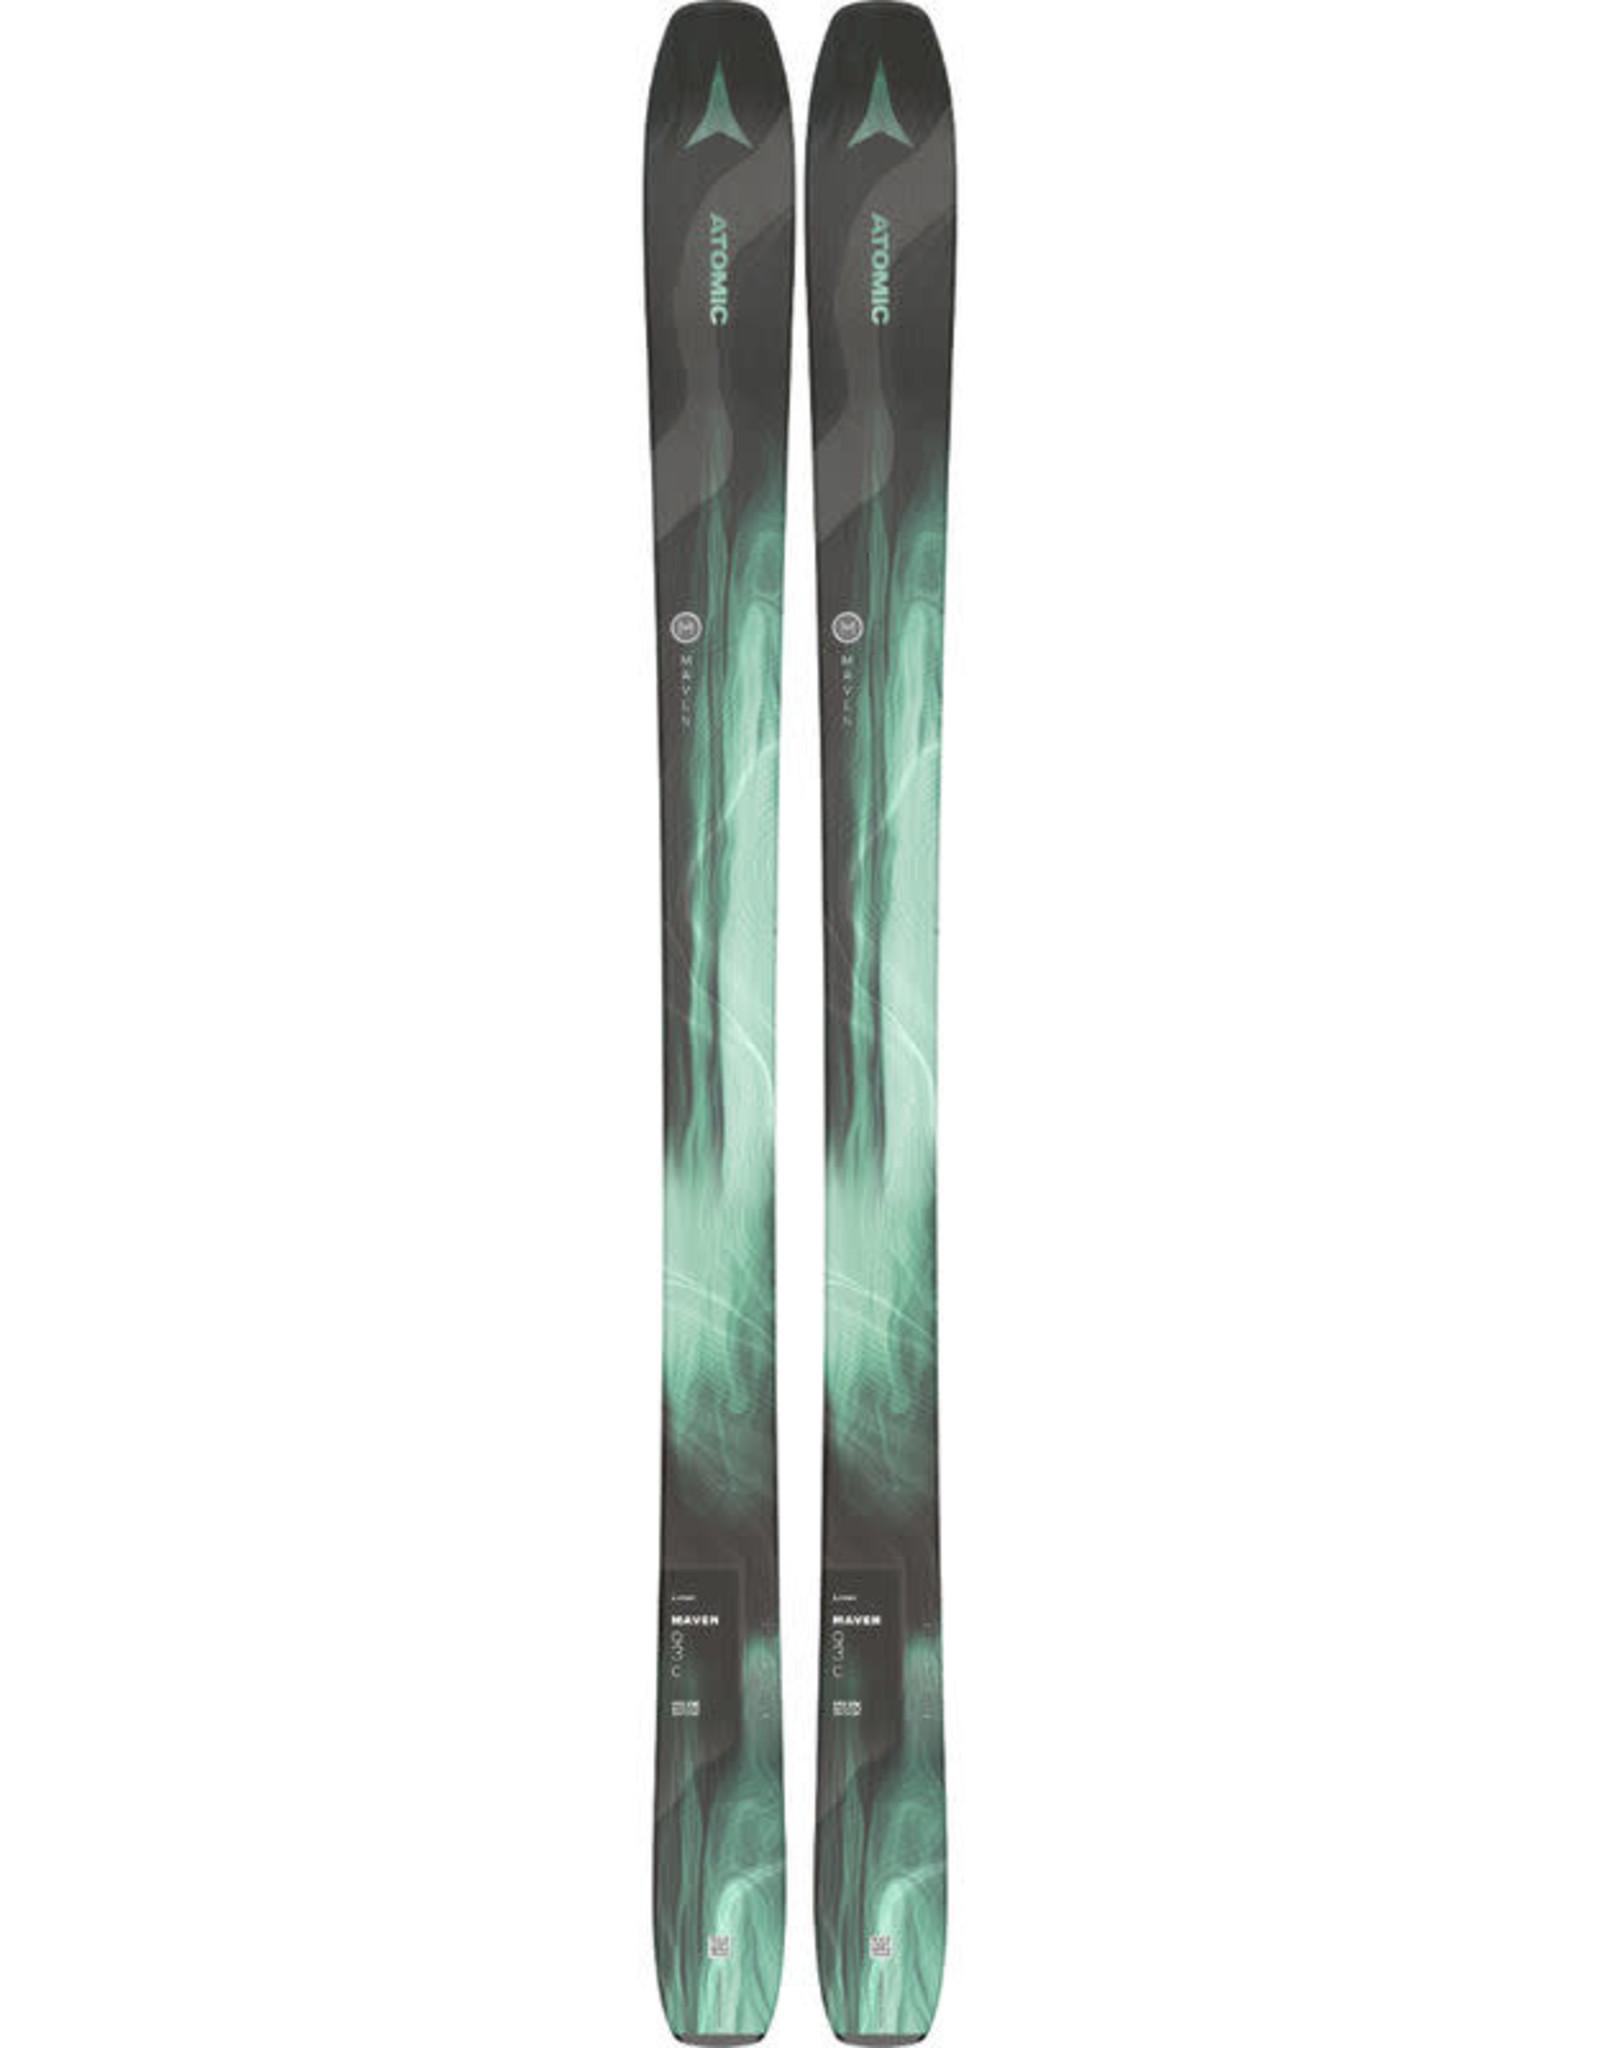 ATOMIC ATOMIC Skis MAVEN 93 C (21/22)